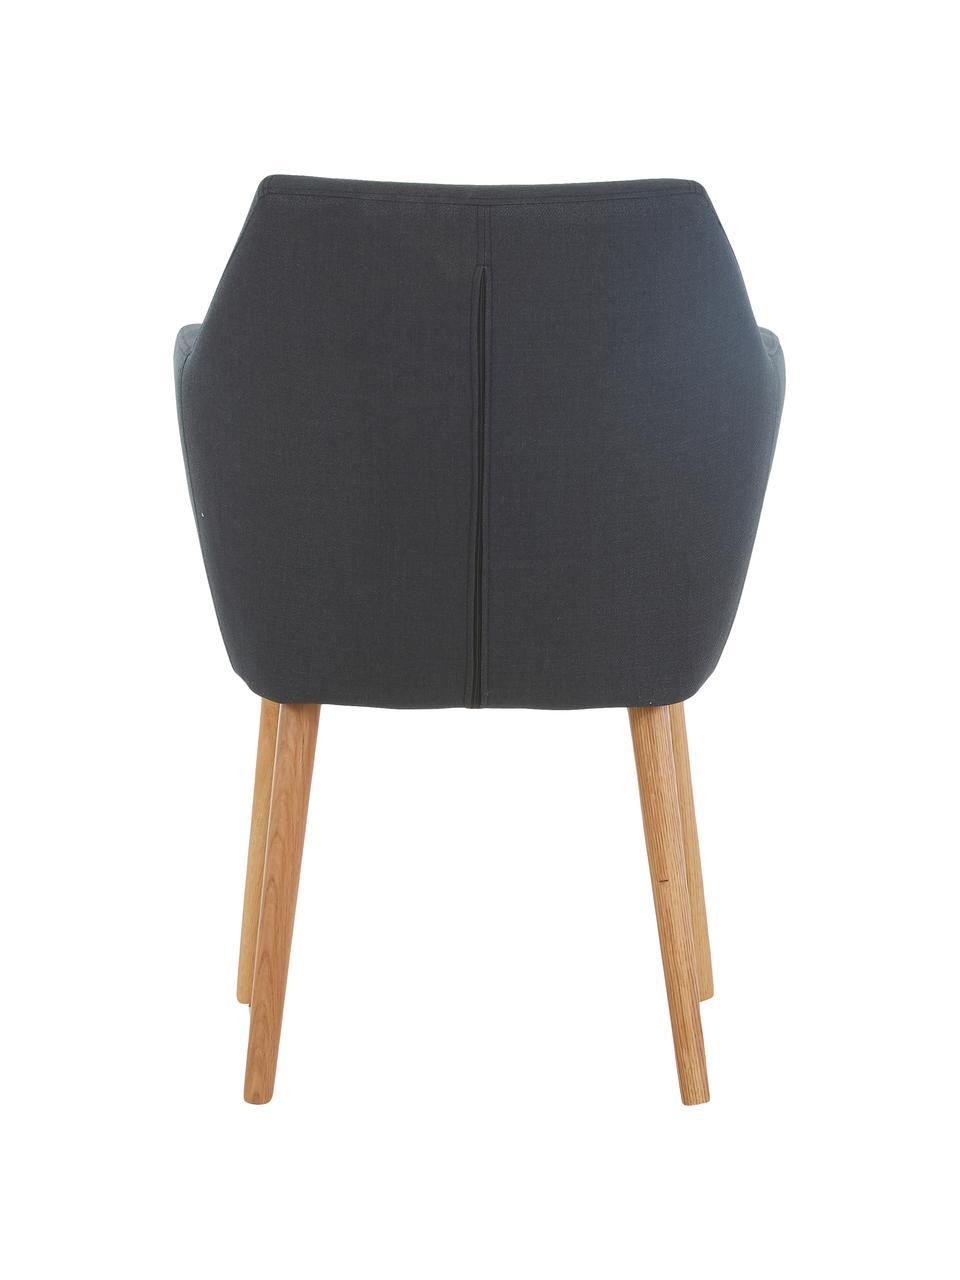 Krzesło z podłokietnikami scandi Nora, Tapicerka: 100%poliester, Nogi: drewno dębowe, Tapicerka: antracytowy Nogi: drewno dębowe, S 58 x W 84 cm